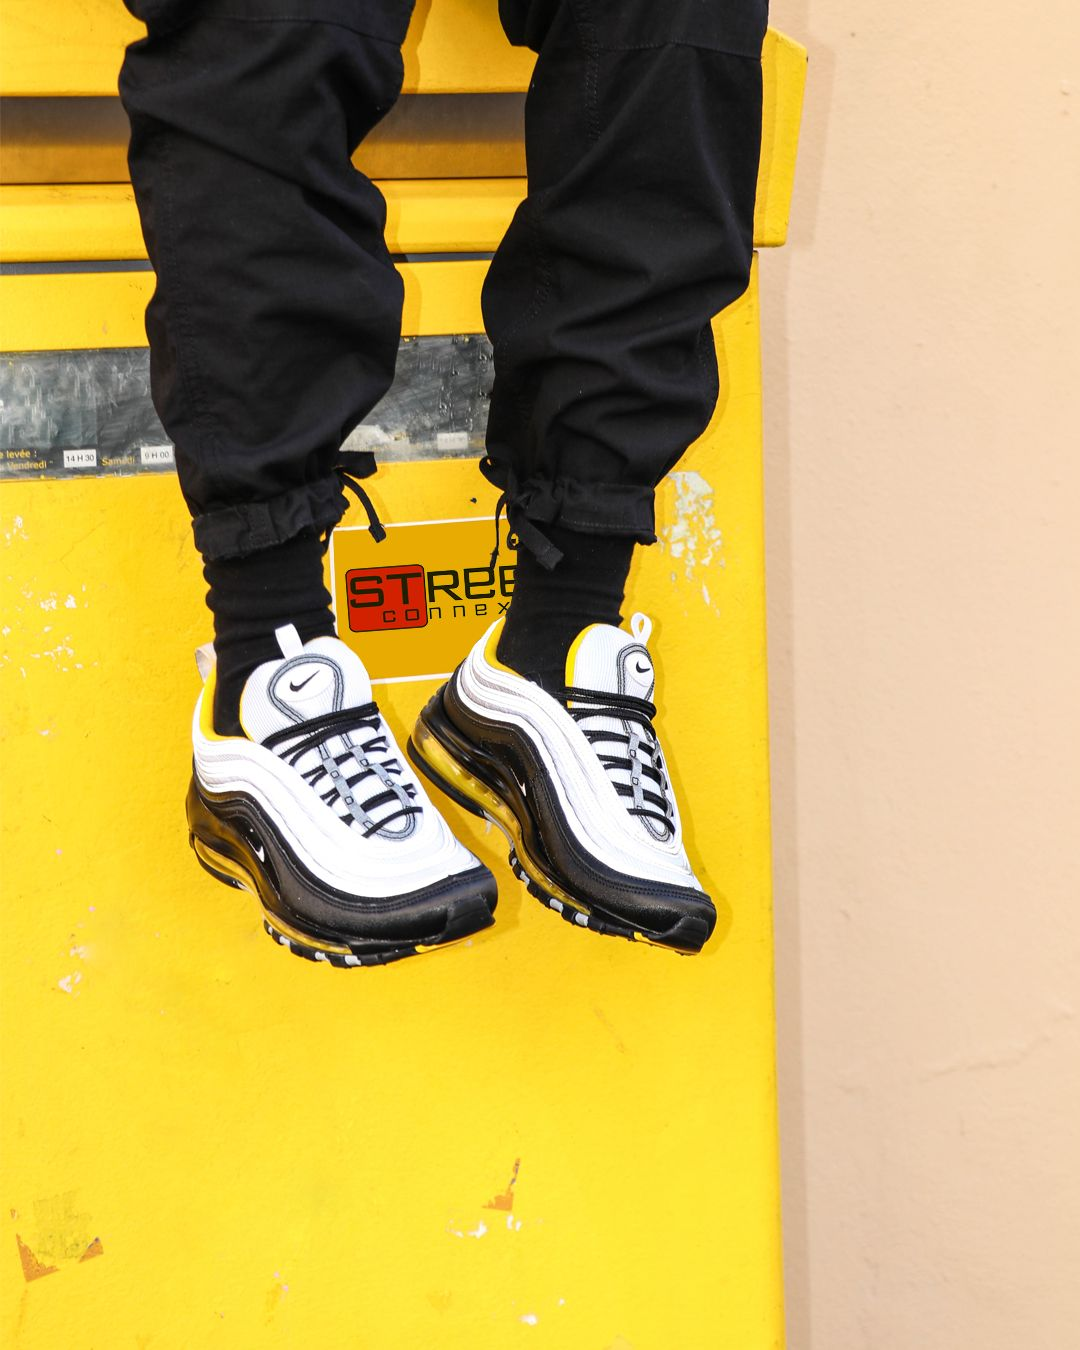 ed934c2b90a13 Air Max 97 Black Amarillo | Sneakers | Air max 97, Air max, Jackets